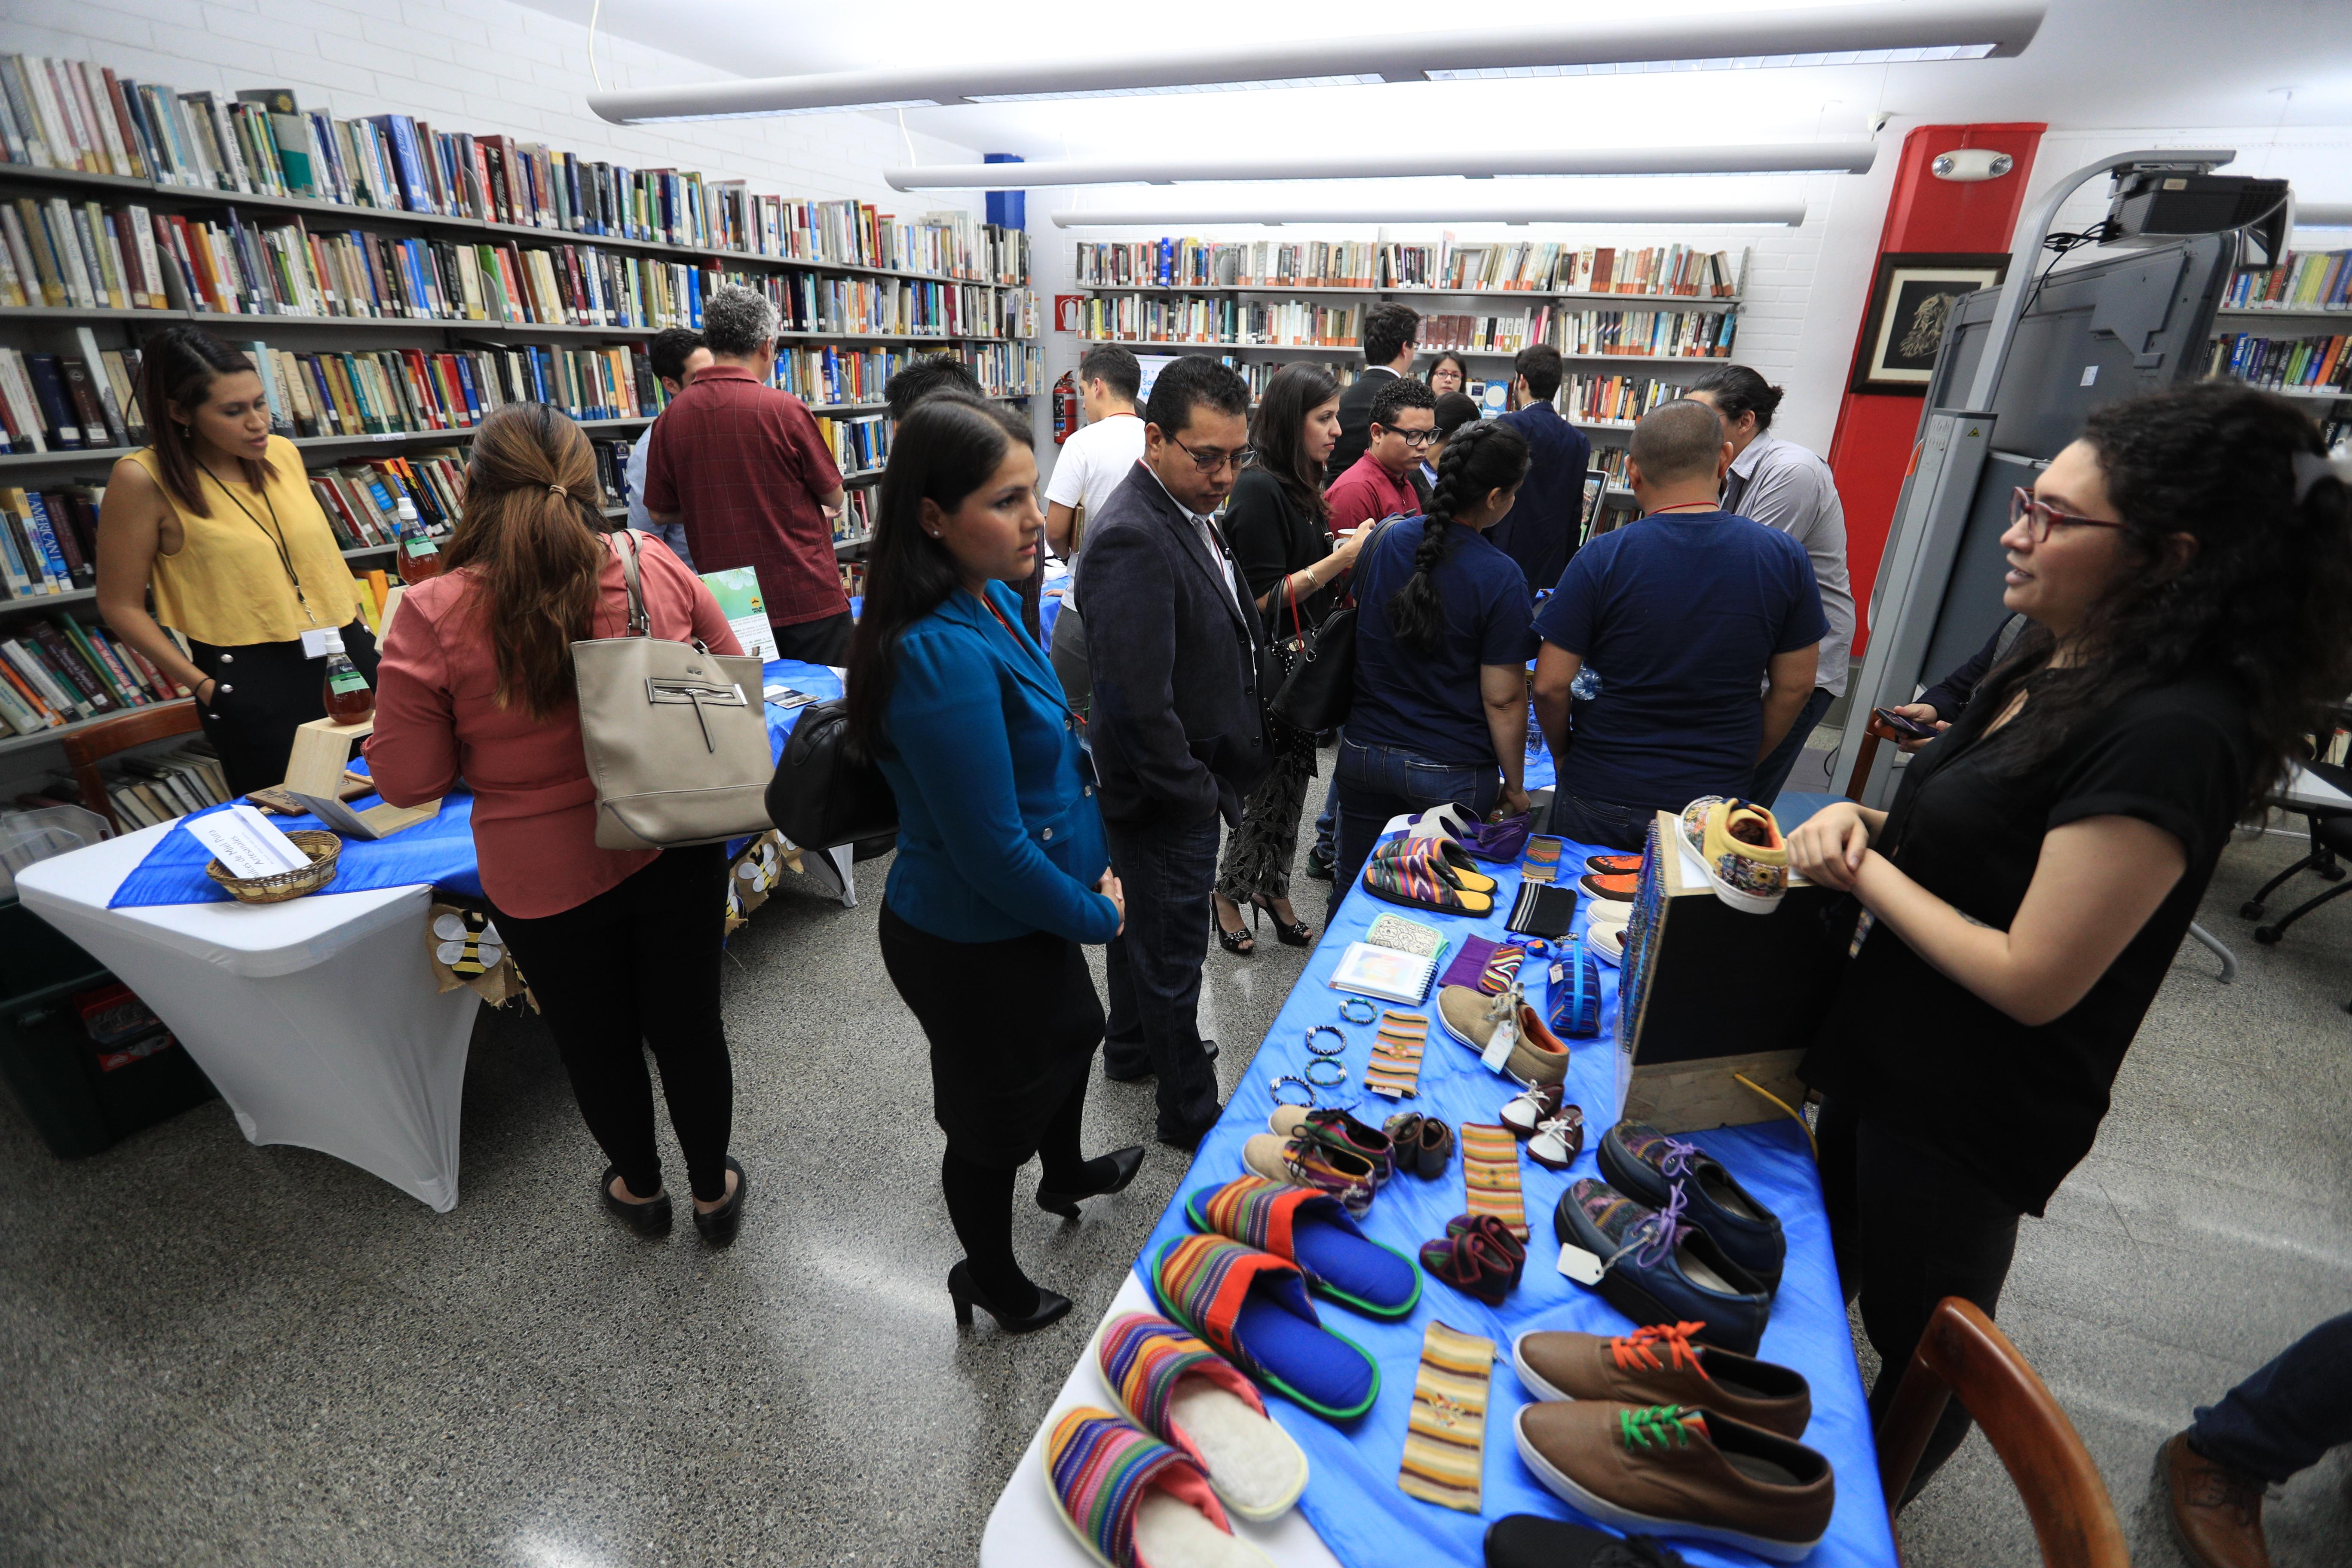 Guatemala tendrá 60 días para poder formar la red más grande de emprendedores, uno de los retos de YLAI. (Foto Prensa Libre: Carlos Hernández Ovalle)